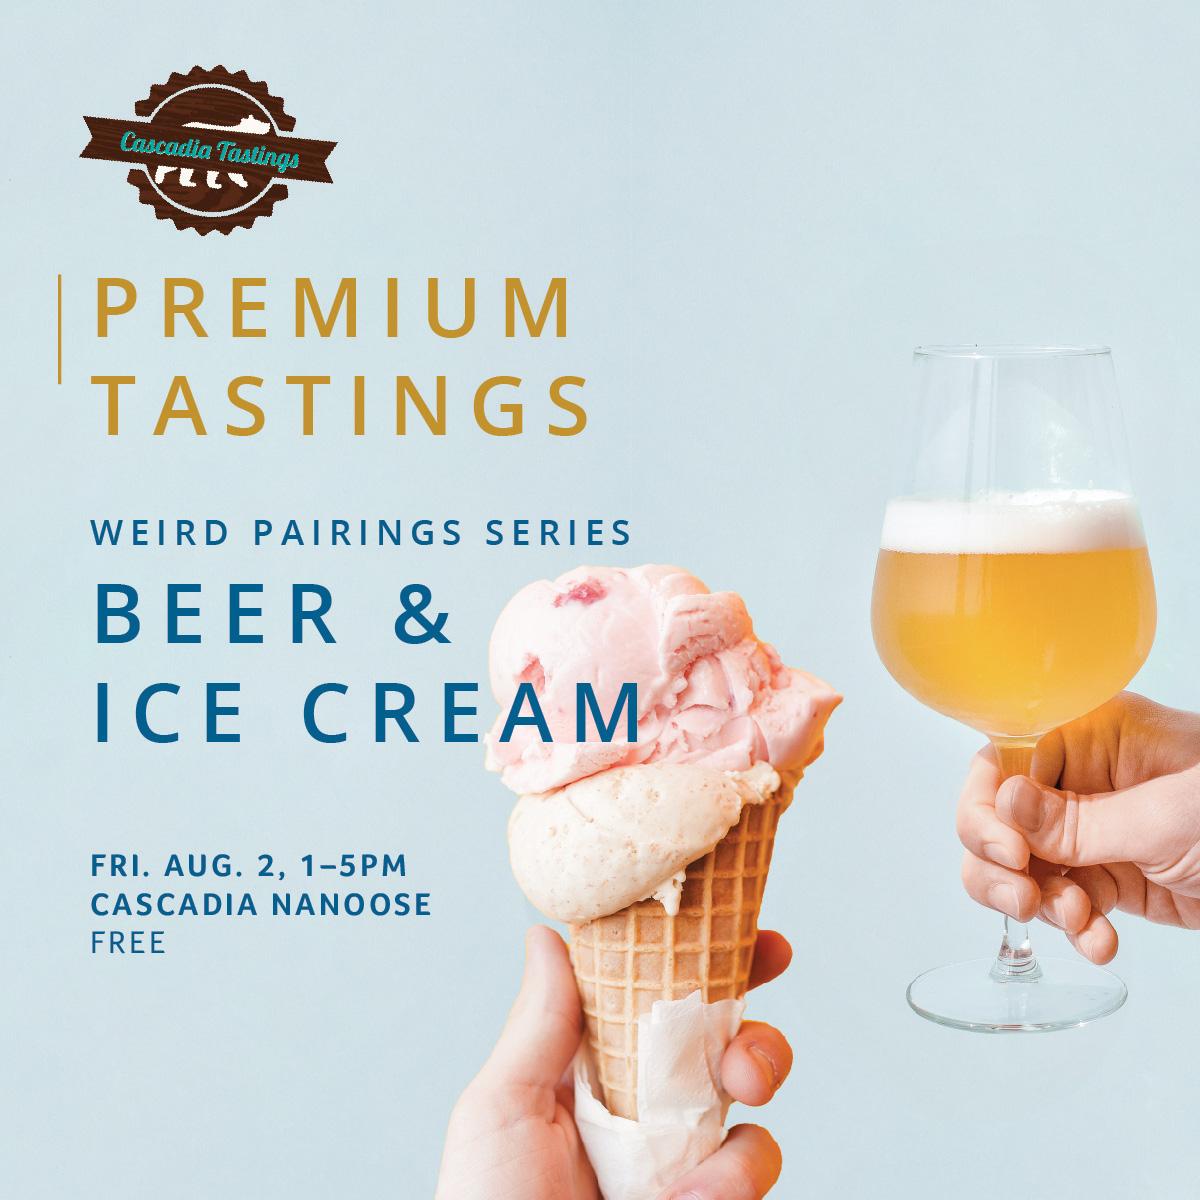 Cascadia Nanoose Premium Tastings_WeirdPairings_August 2019_Web.jpg